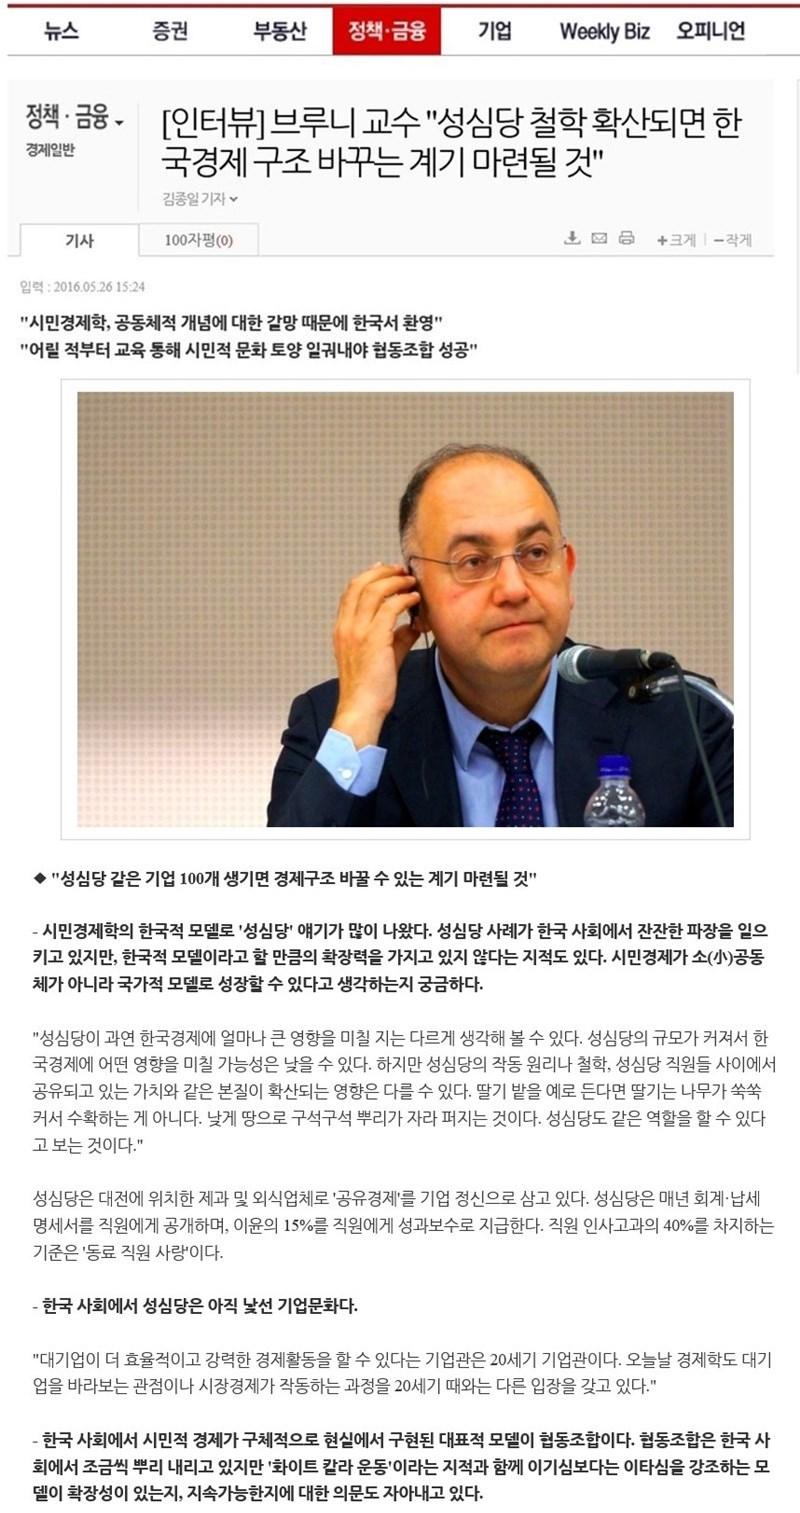 성심당에 대한 부루니교수 인터뷰 성심당중심으로 편집.jpg